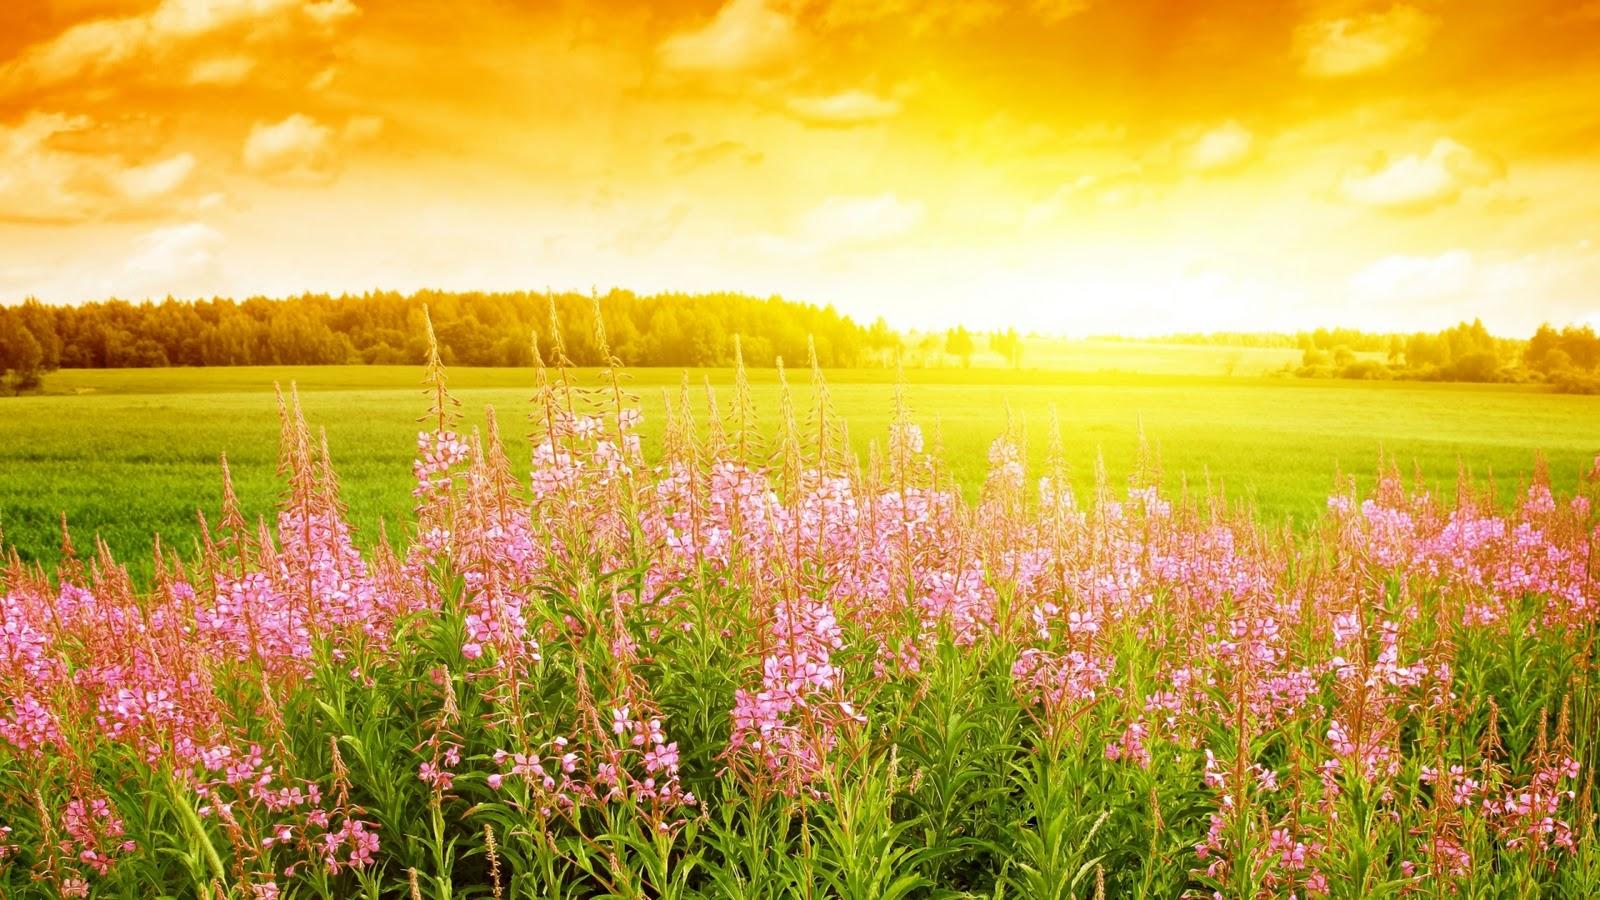 http://4.bp.blogspot.com/-ChAHieqYLpU/TnQvWeoSKbI/AAAAAAAAD20/yhUtIQpIay0/s1600/hd_summer_hd_wallpaper_hd.jpg